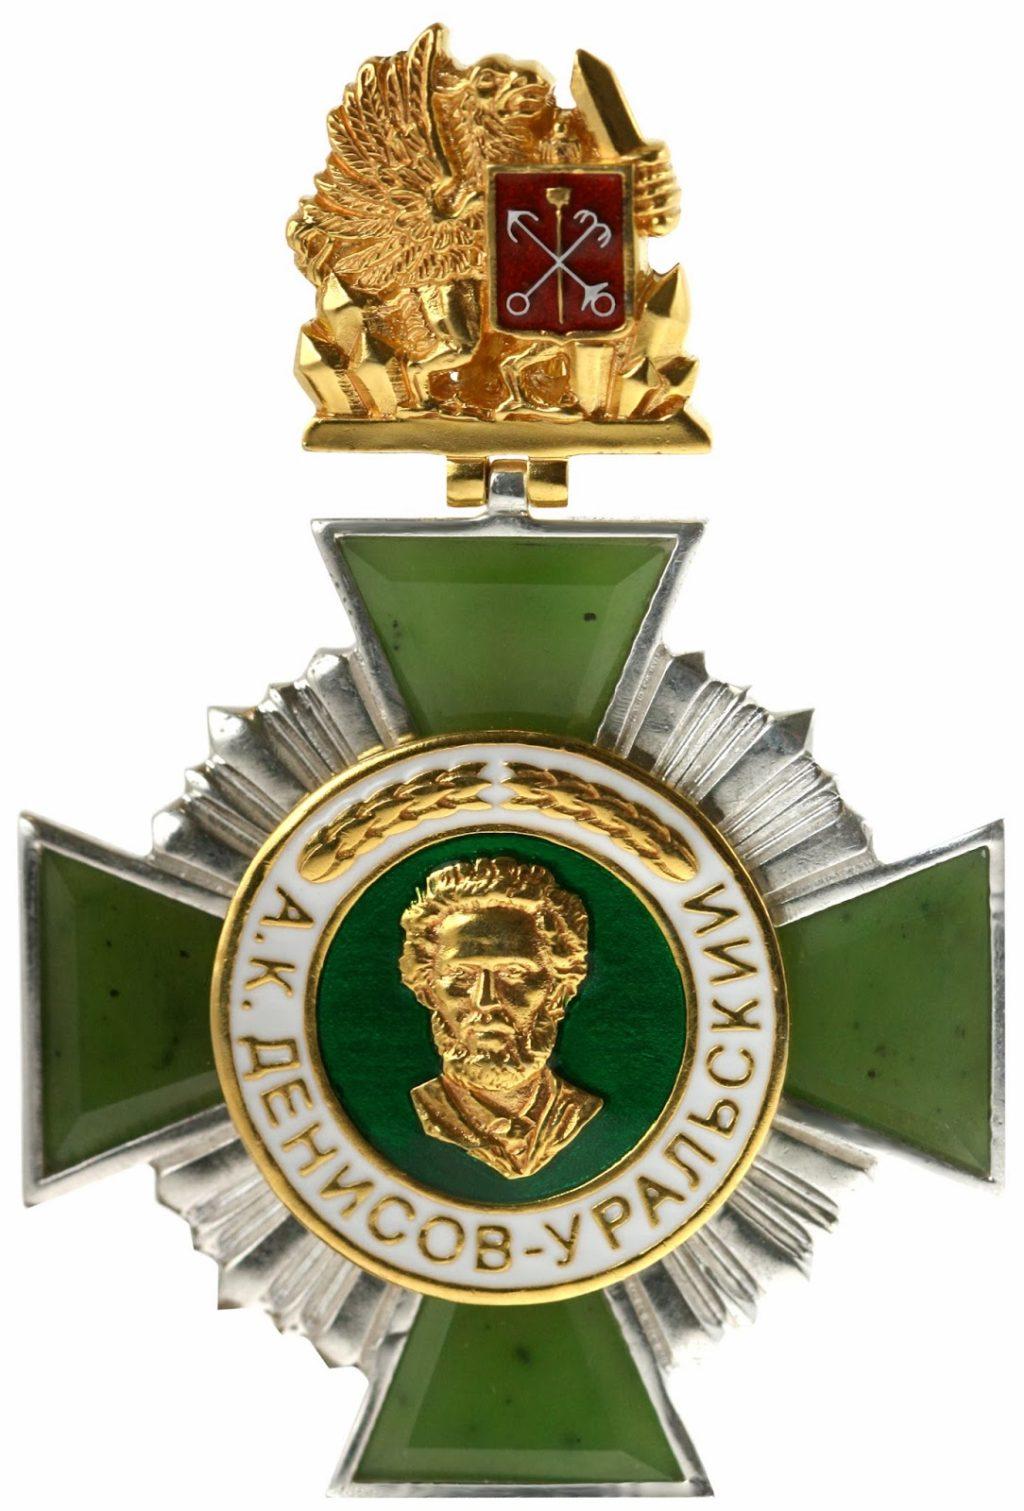 Dmitriy Emelyanenko awarded Order of Denisov-Uralsky